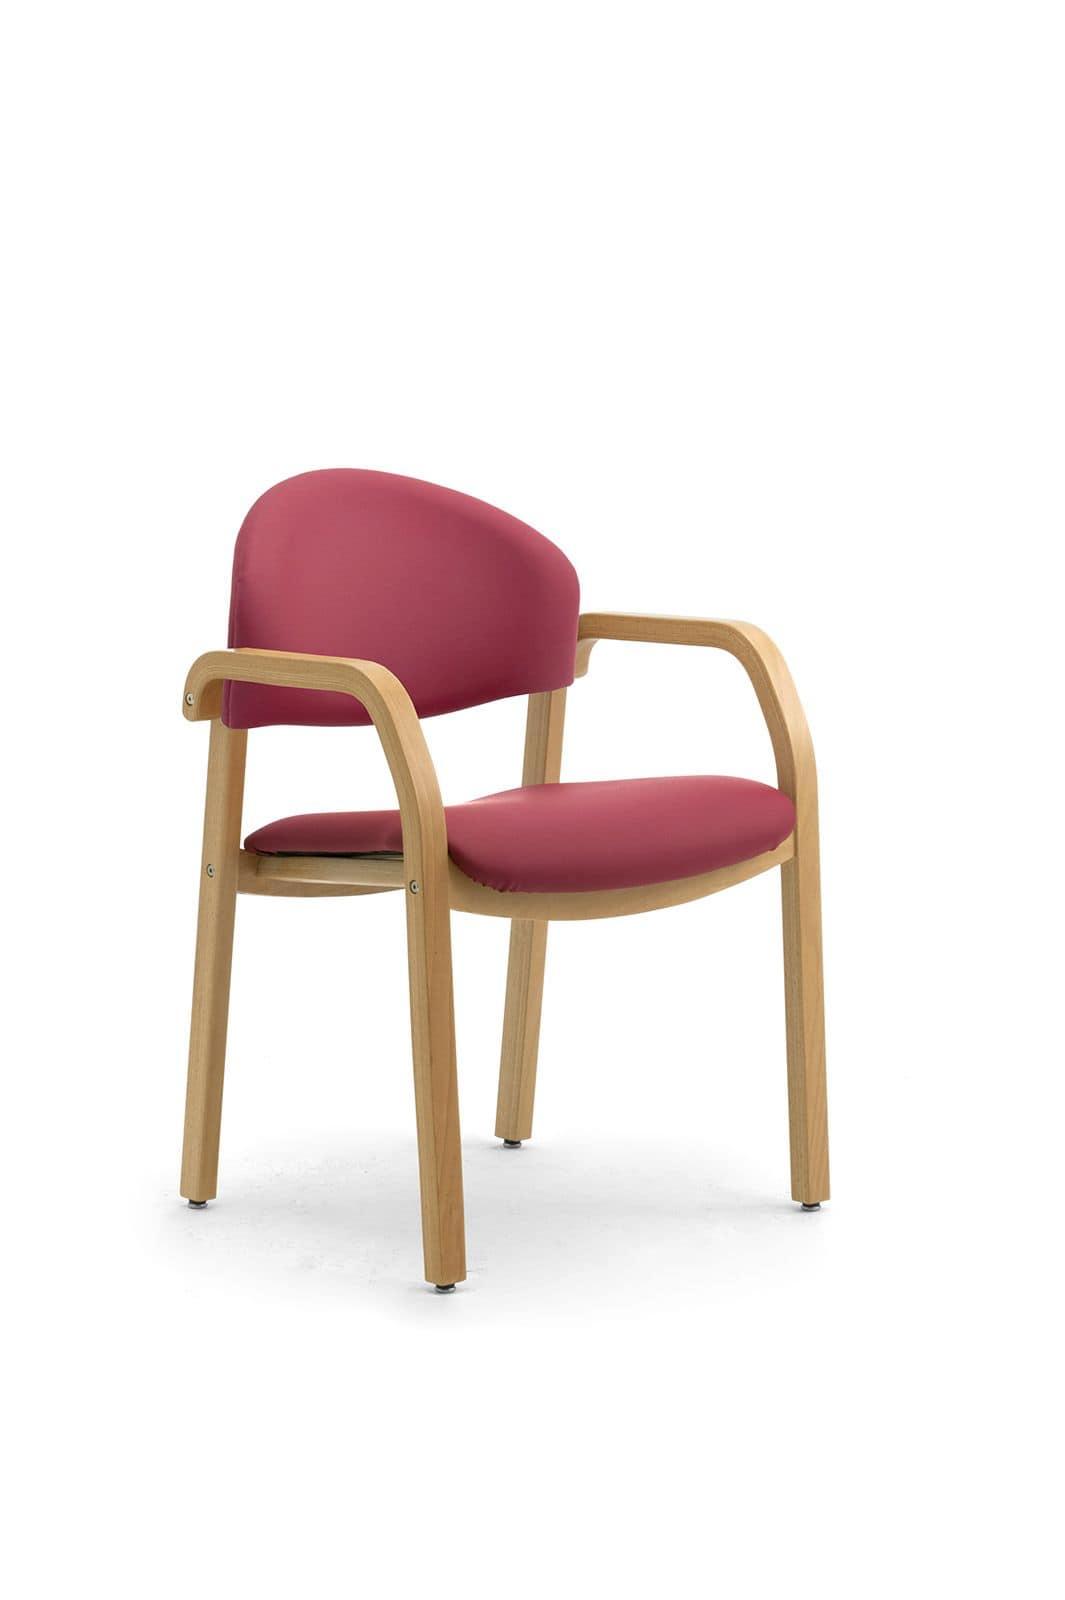 Soleil 68171, Gepolsterter Stuhl aus Holz für Warteräume, feuerfest